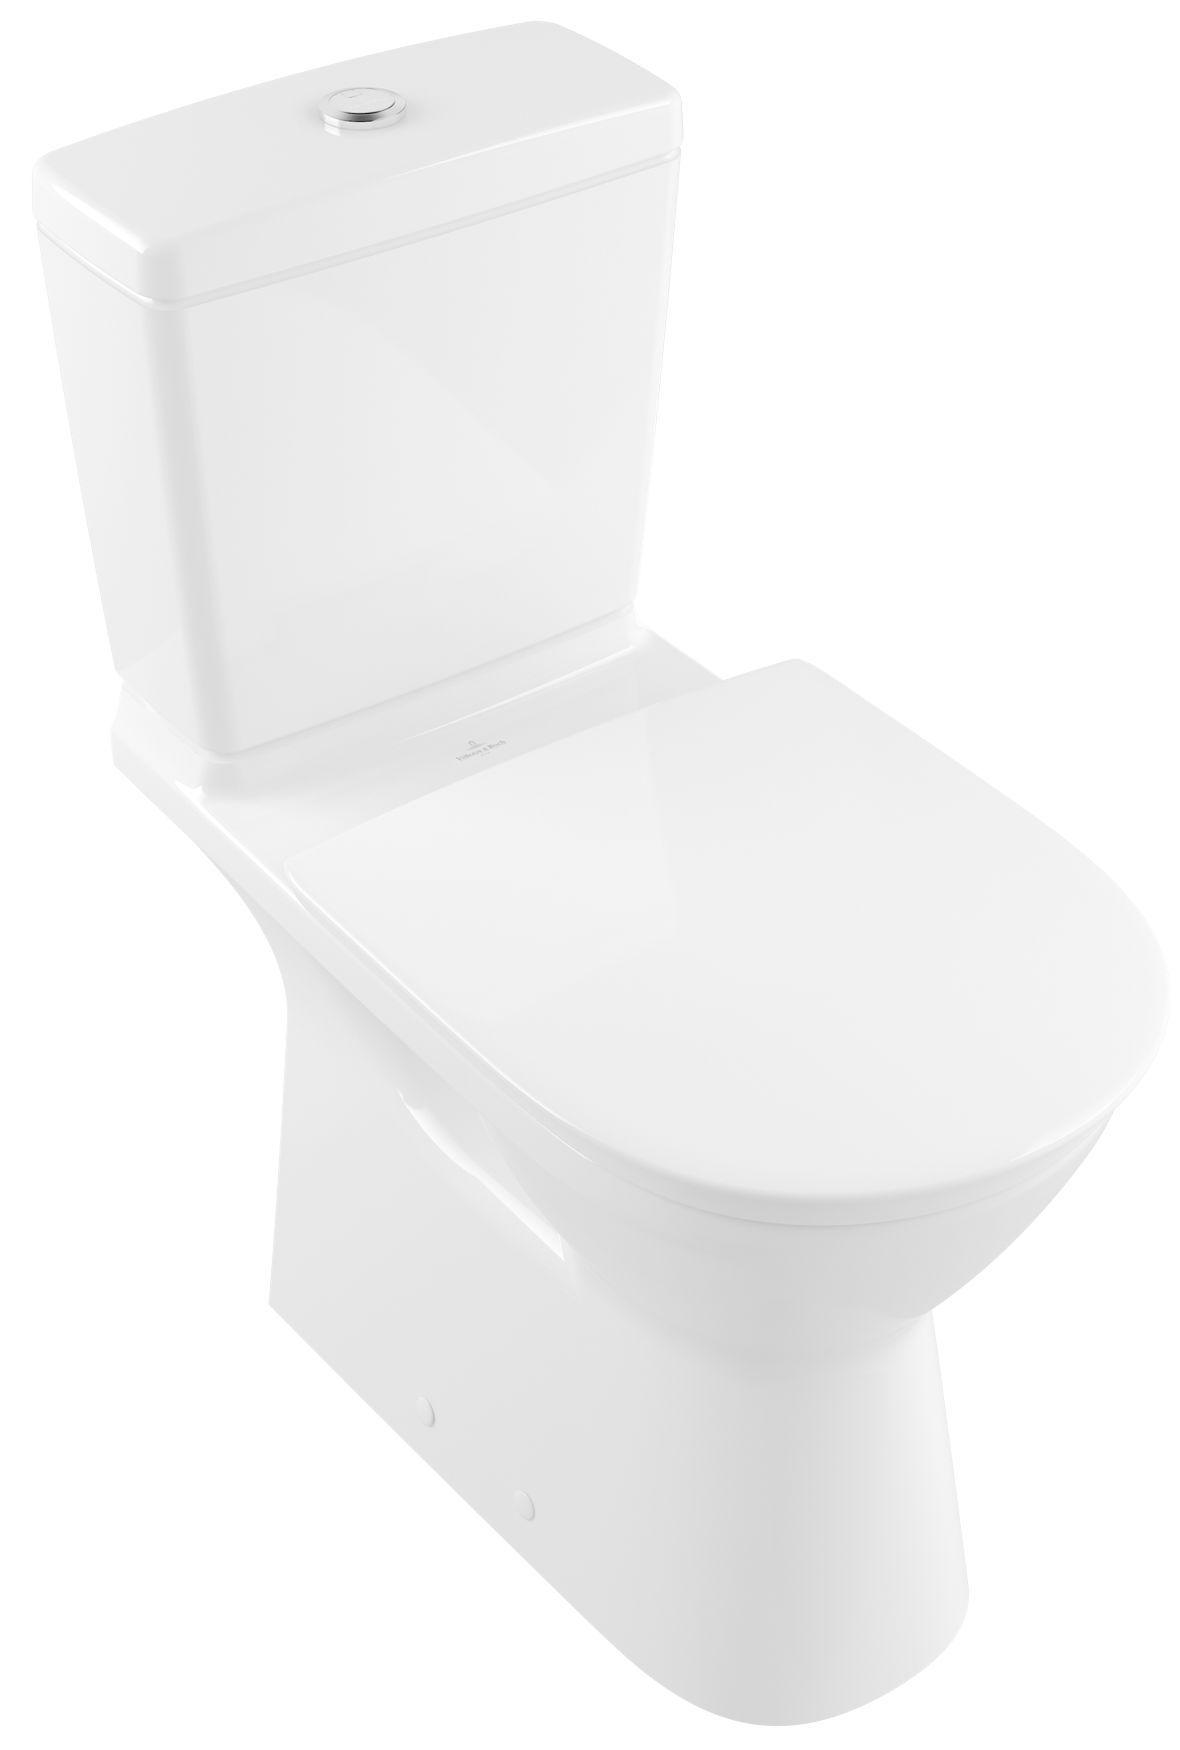 Villeroy & Boch O.Novo Vita Stand-Tiefspül-WC DirectFlush mit offenem Spülrand für Aufsatzspülkasten L:70xB:36cm weiß mit CeramicPlus 4620R0R1